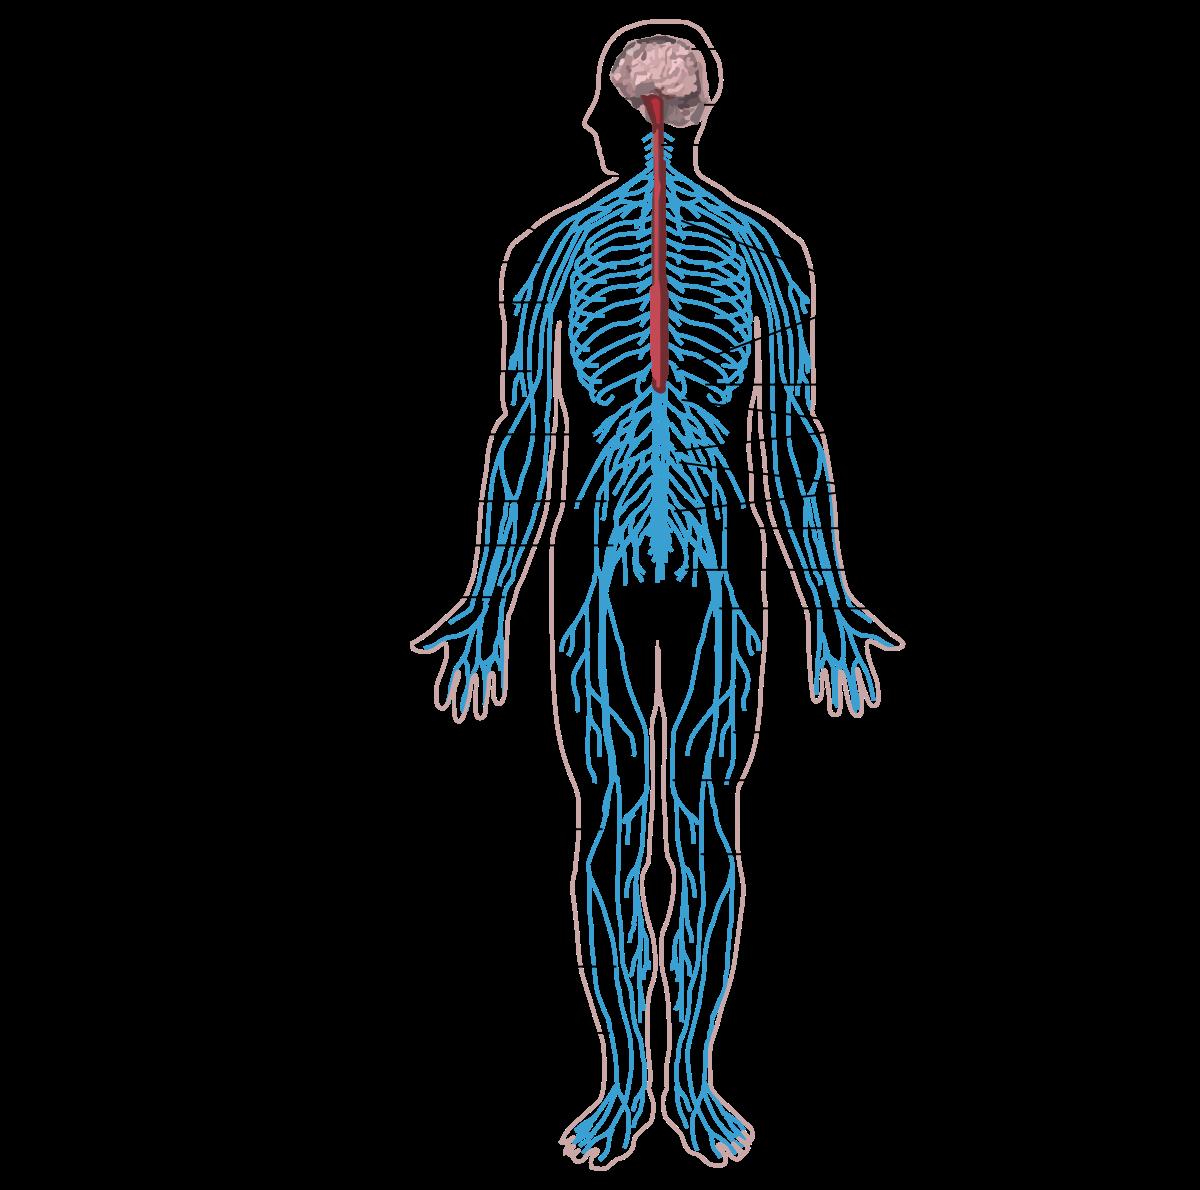 házi készítmények az emberi test parazitjaihoz